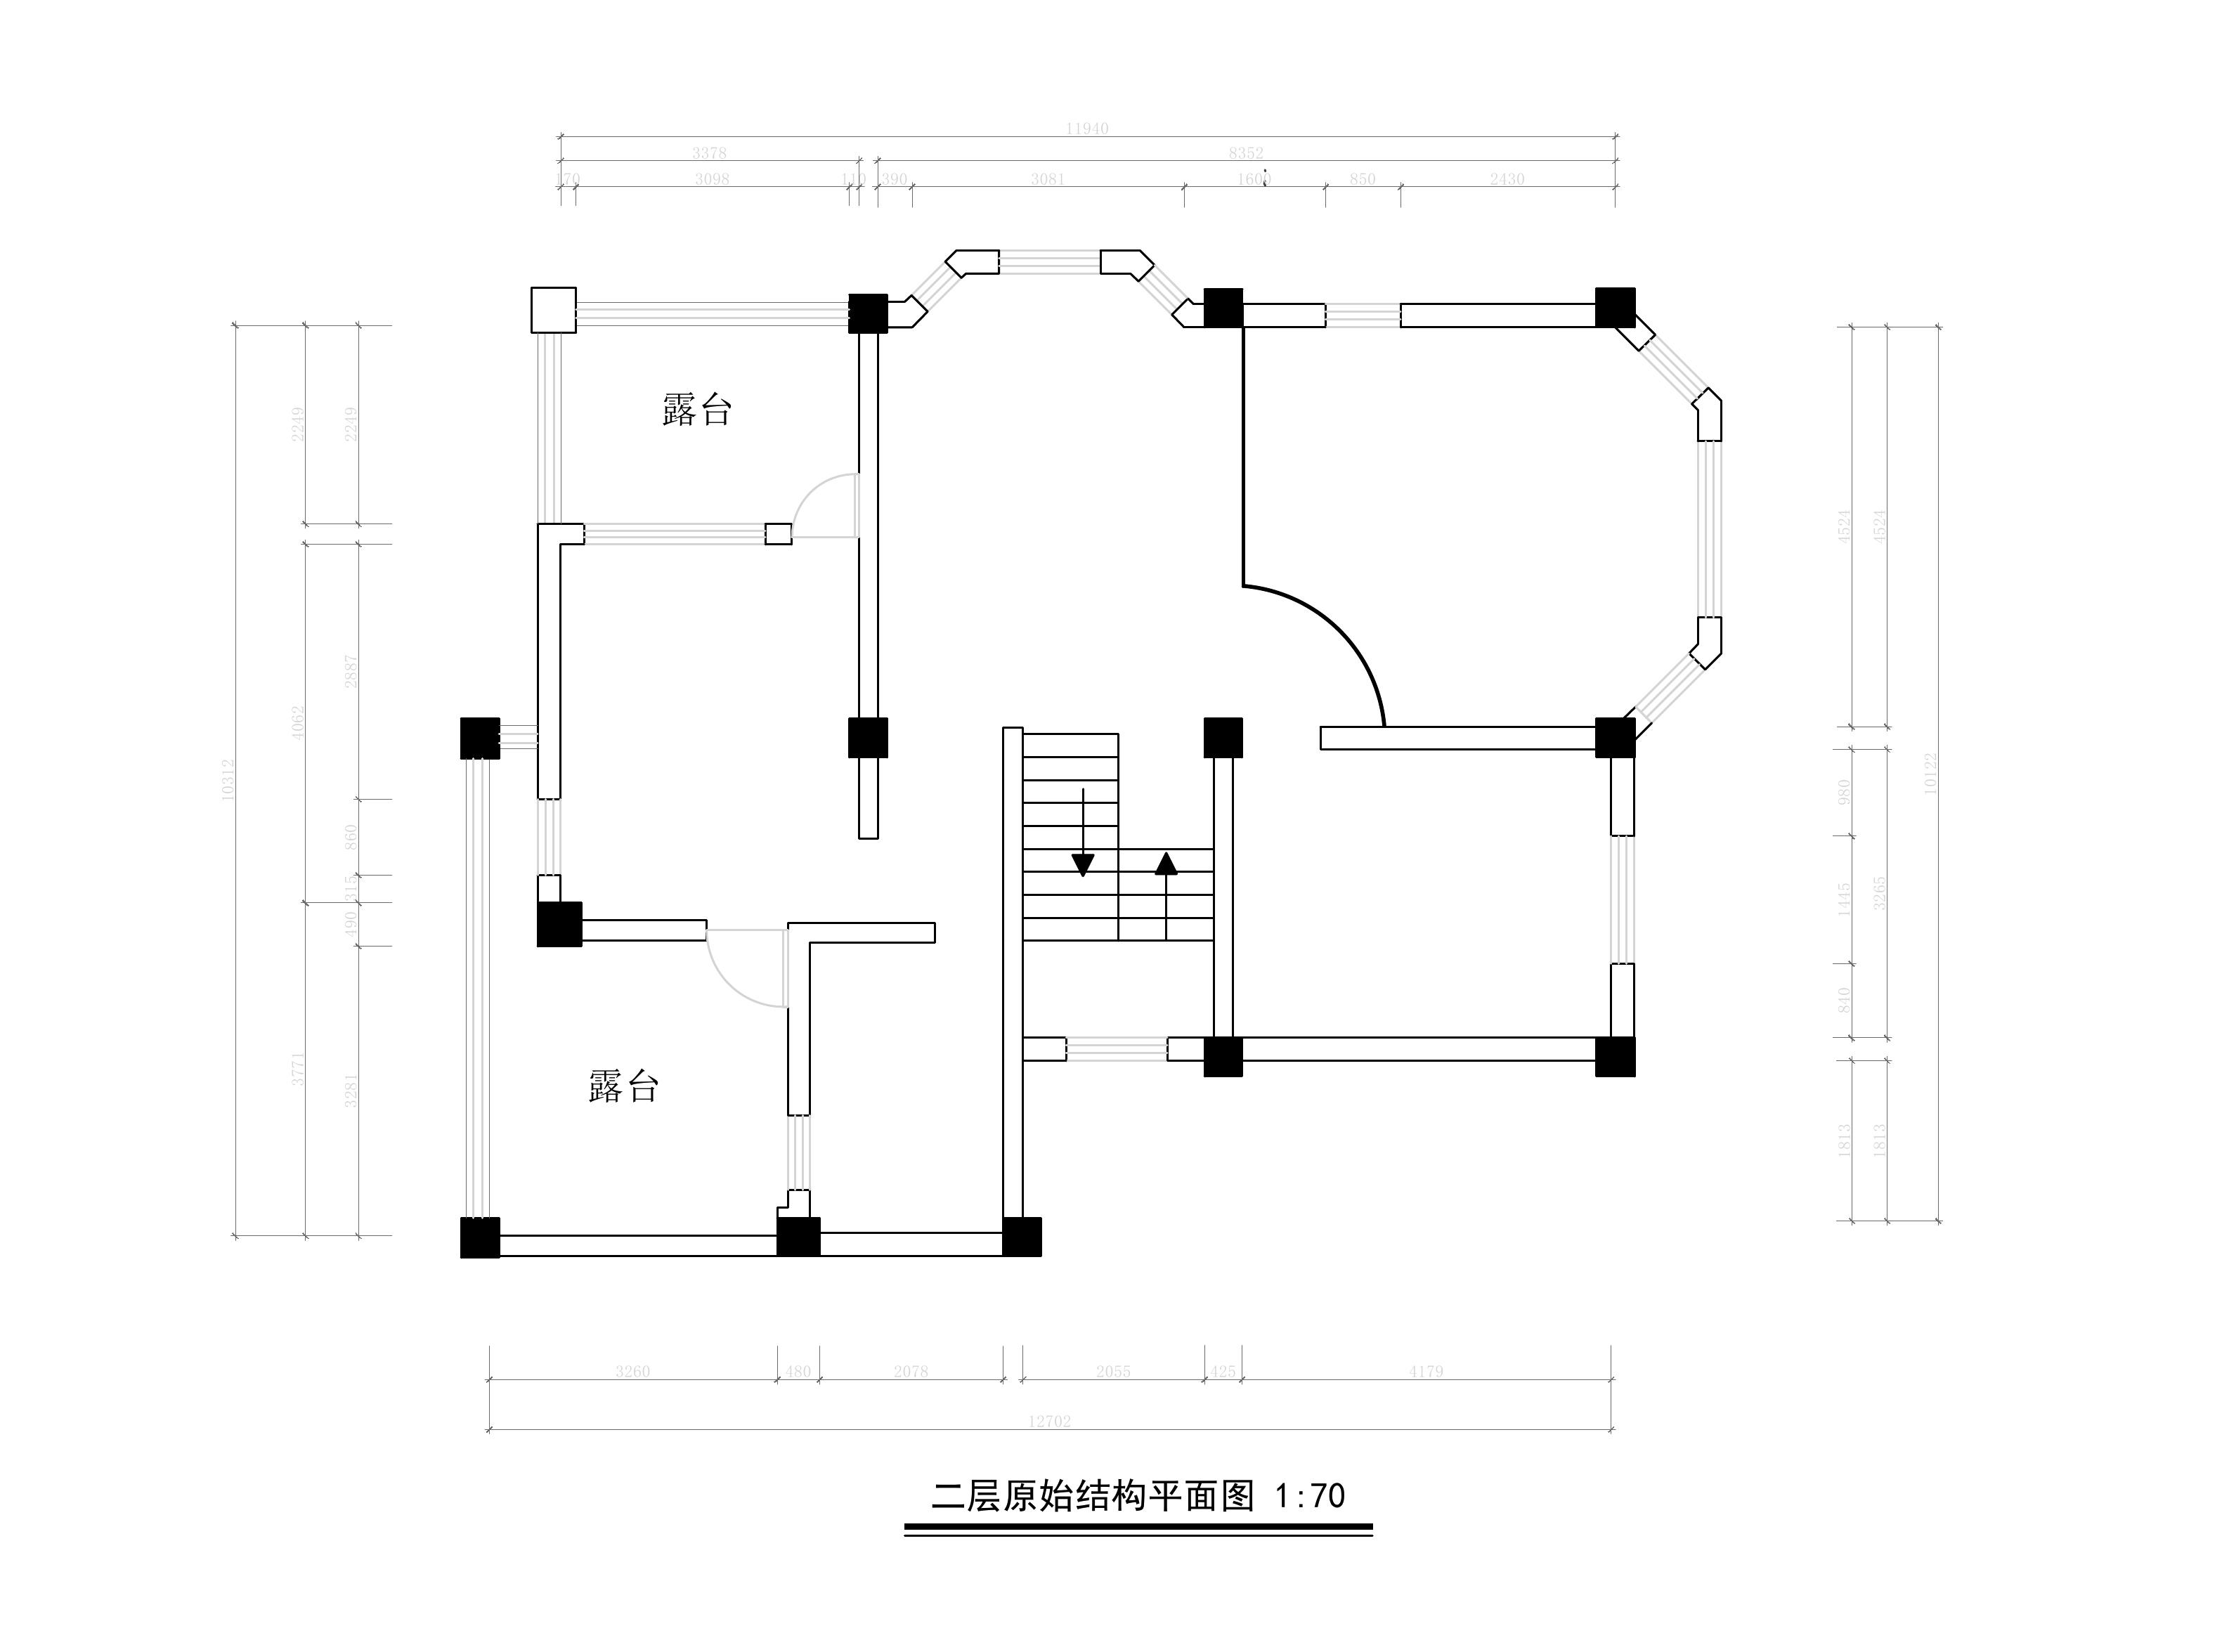 昆明都铎城邦450平米现代新中式设计风格装修效果图装修设计理念